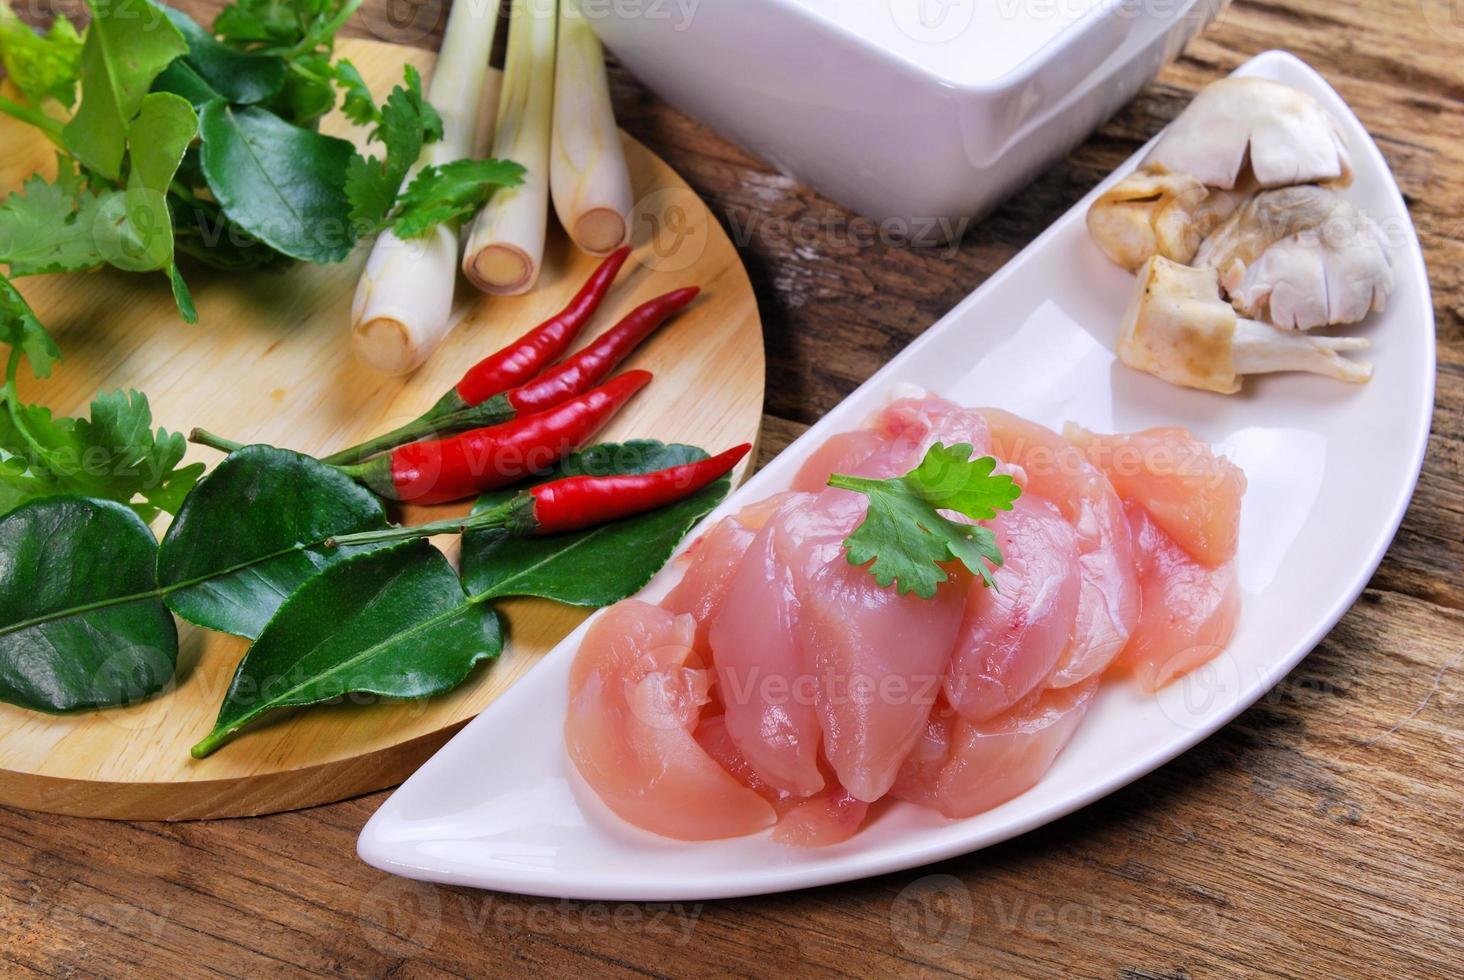 cucina tailandese tom kha kai pollo in zuppa di latte di cocco foto